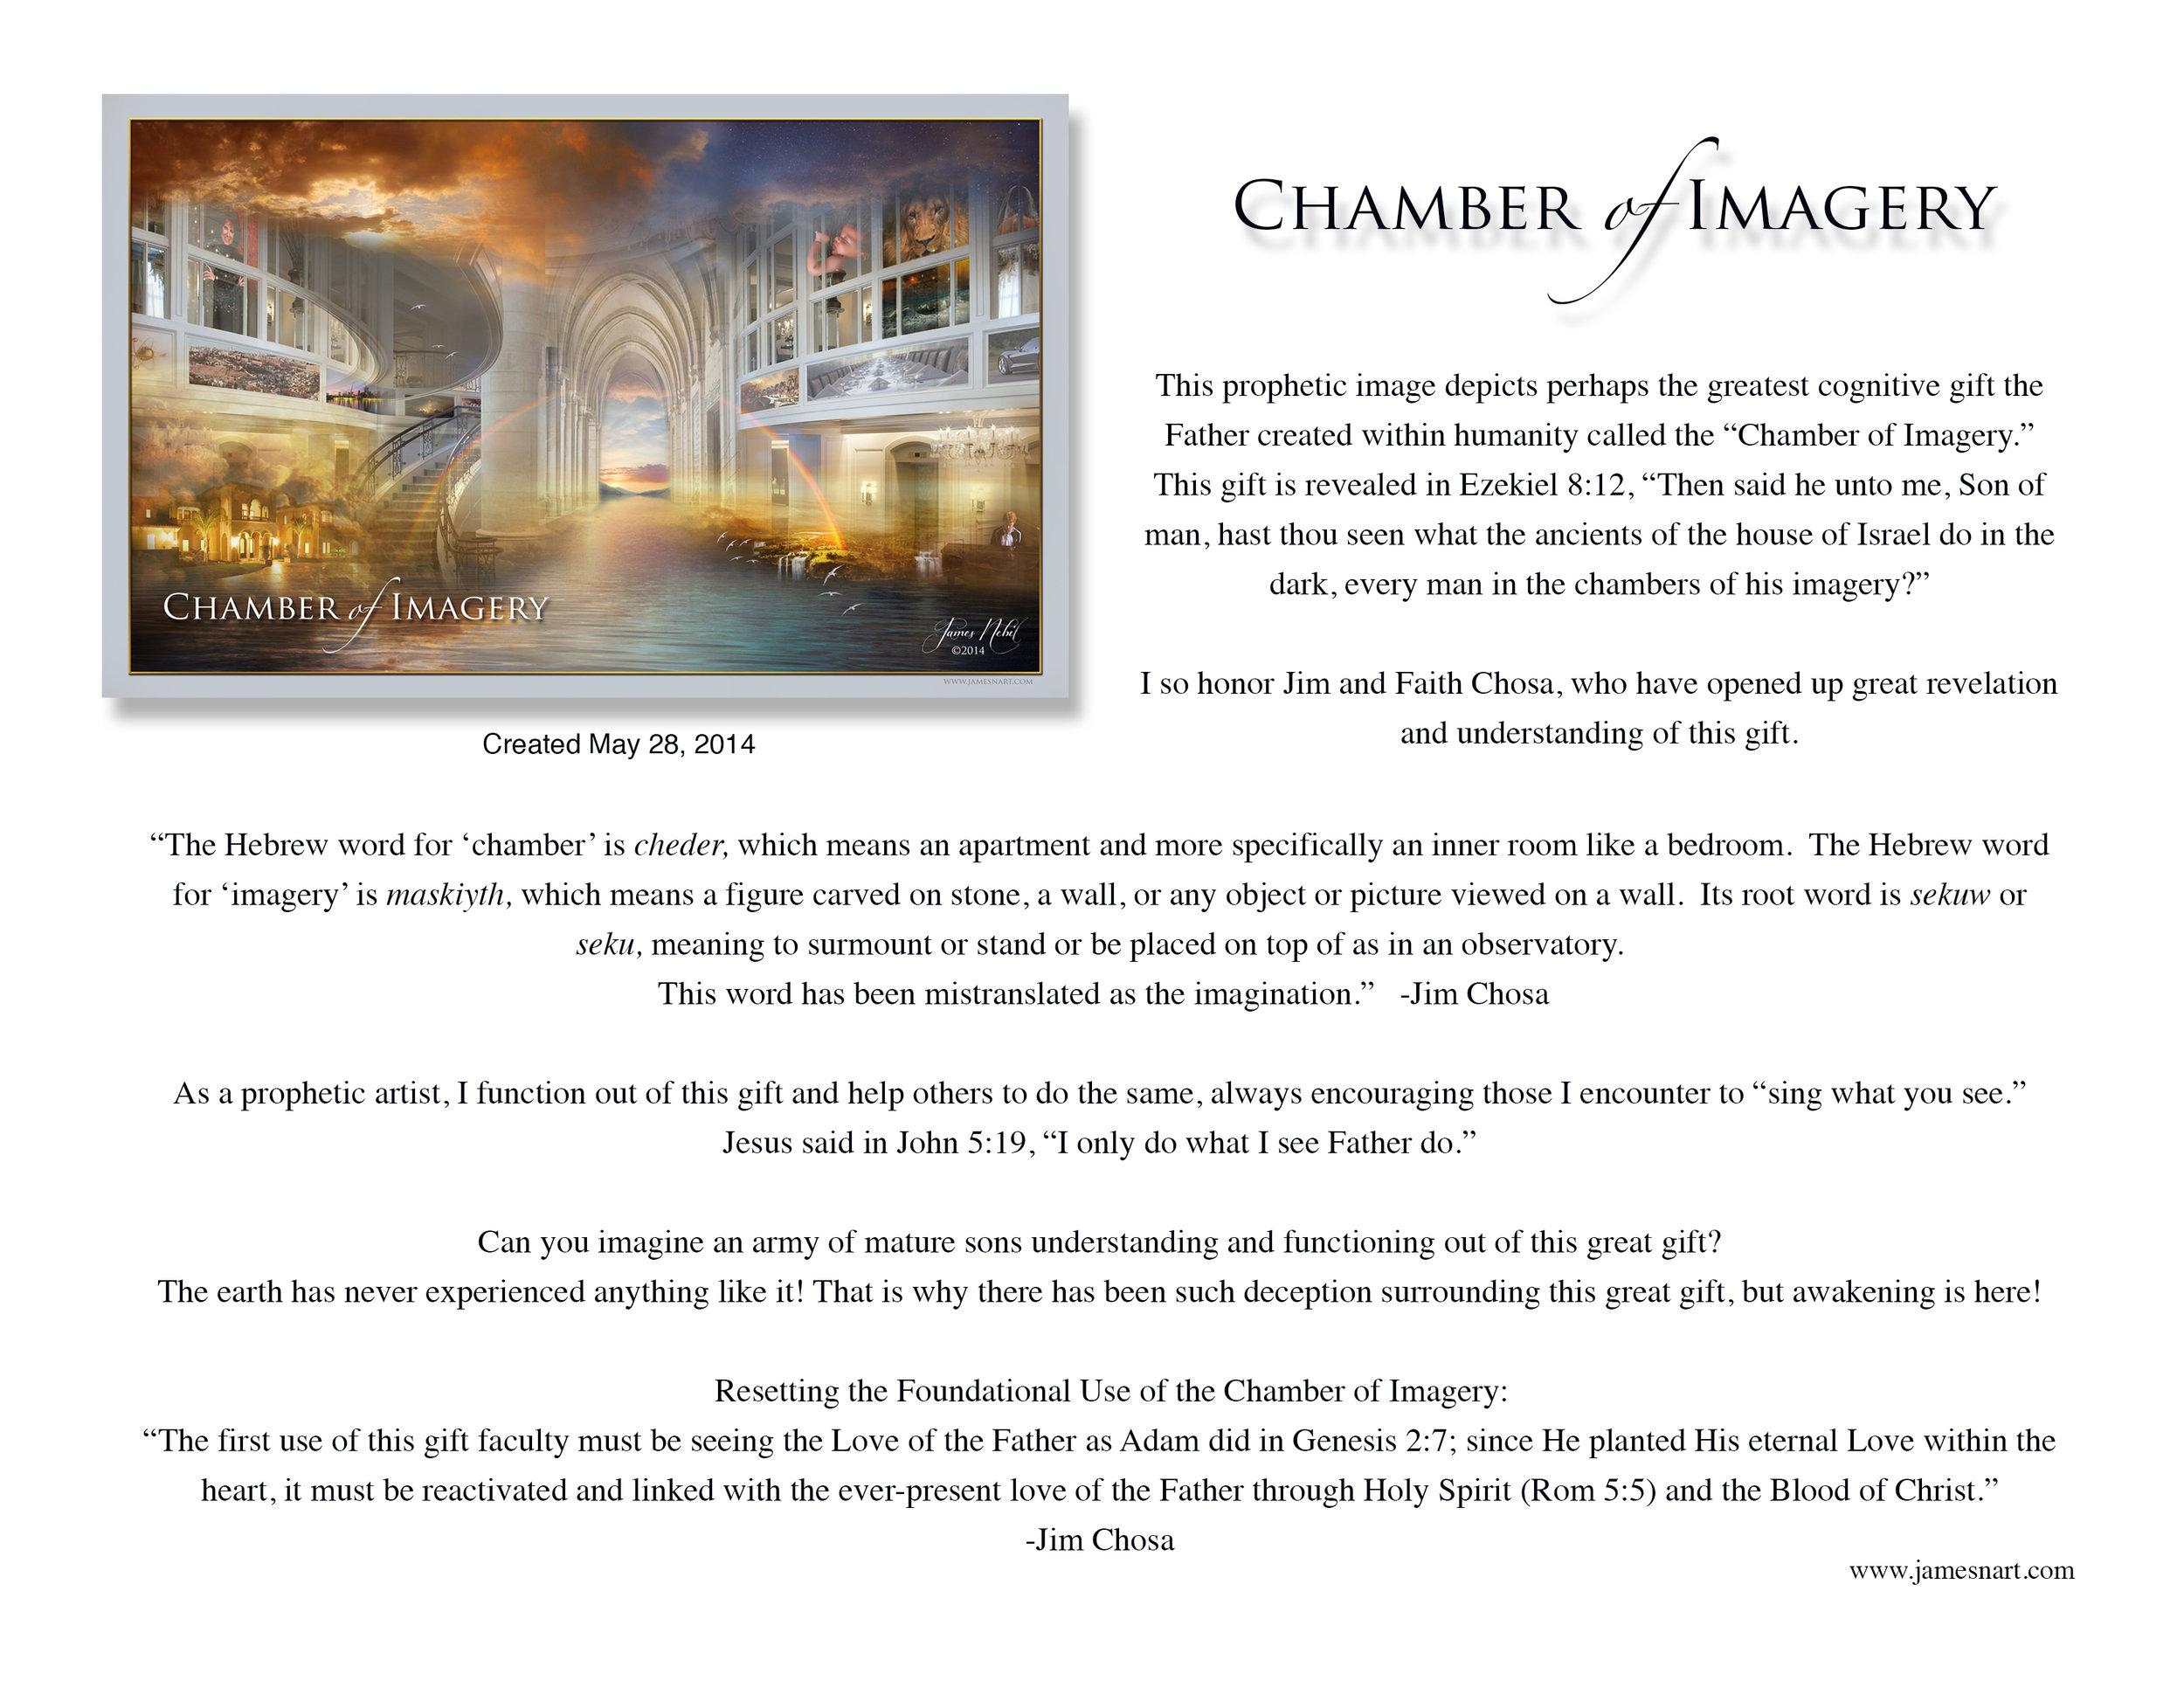 Chamber of Imagery description.jpg